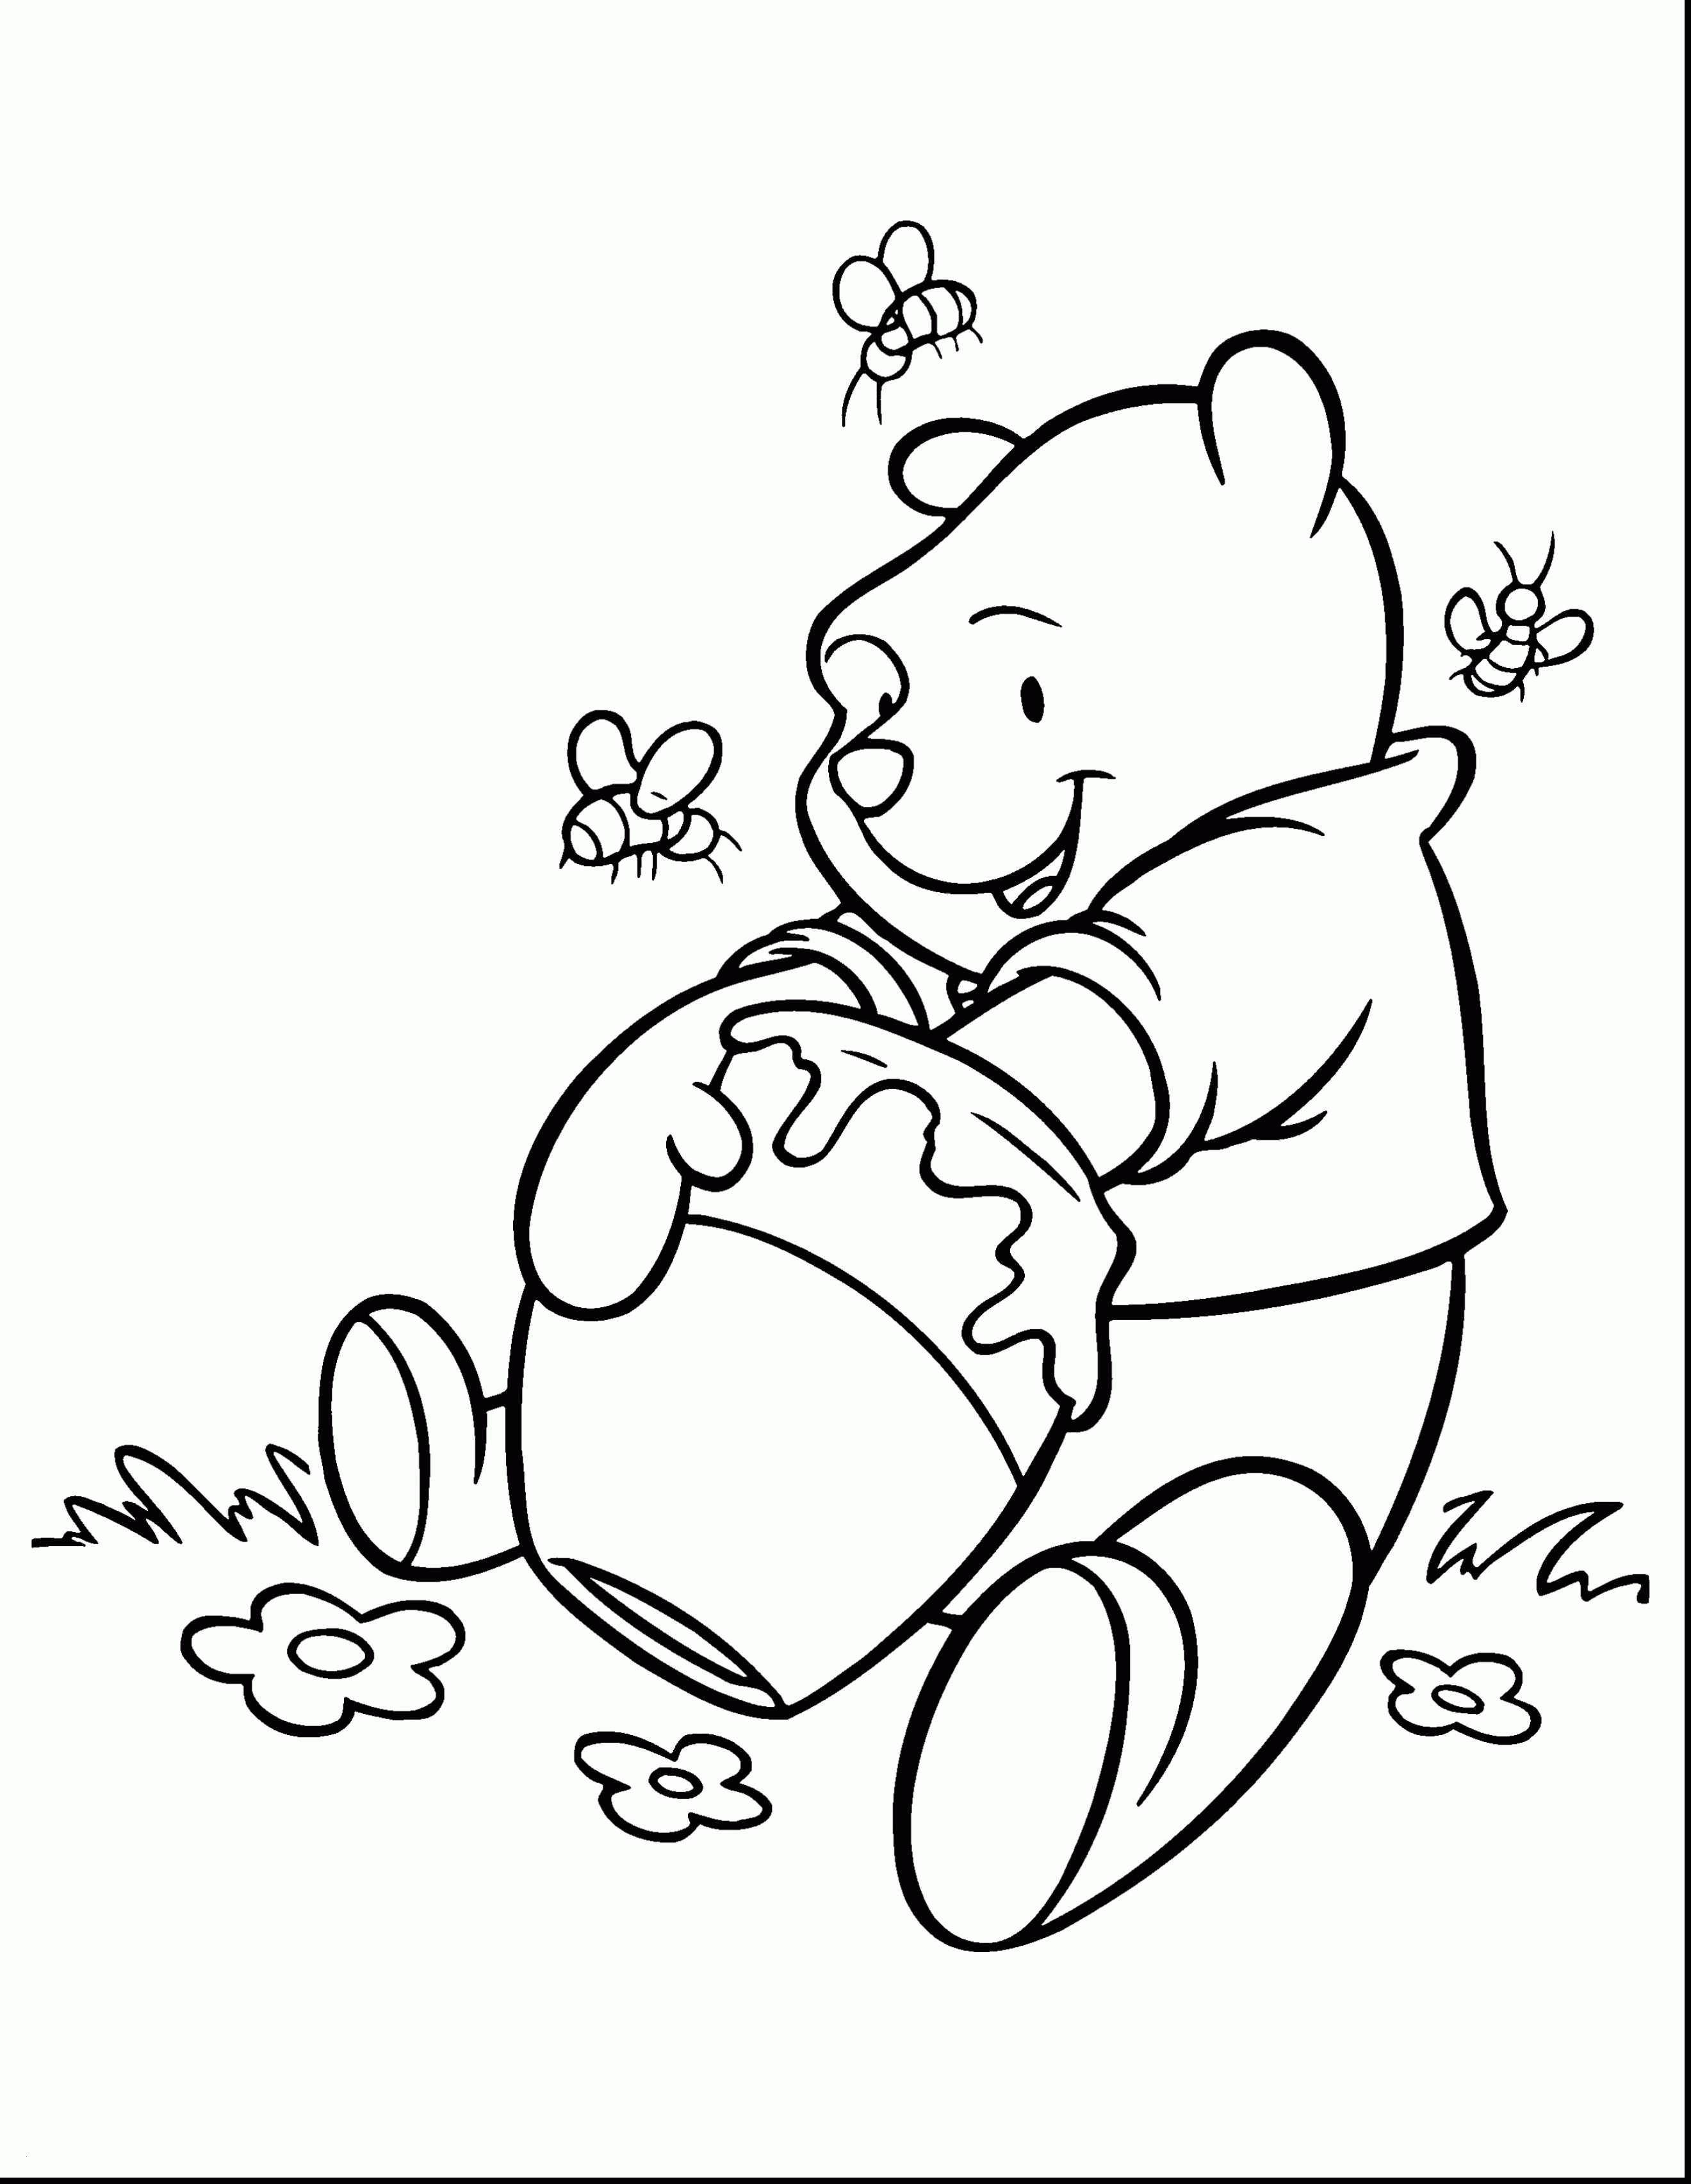 Winnie Pooh Baby Malvorlagen Genial Winnie Puuh Malvorlagen Inspirierend Winnie the Pooh Christmas Neu Bild